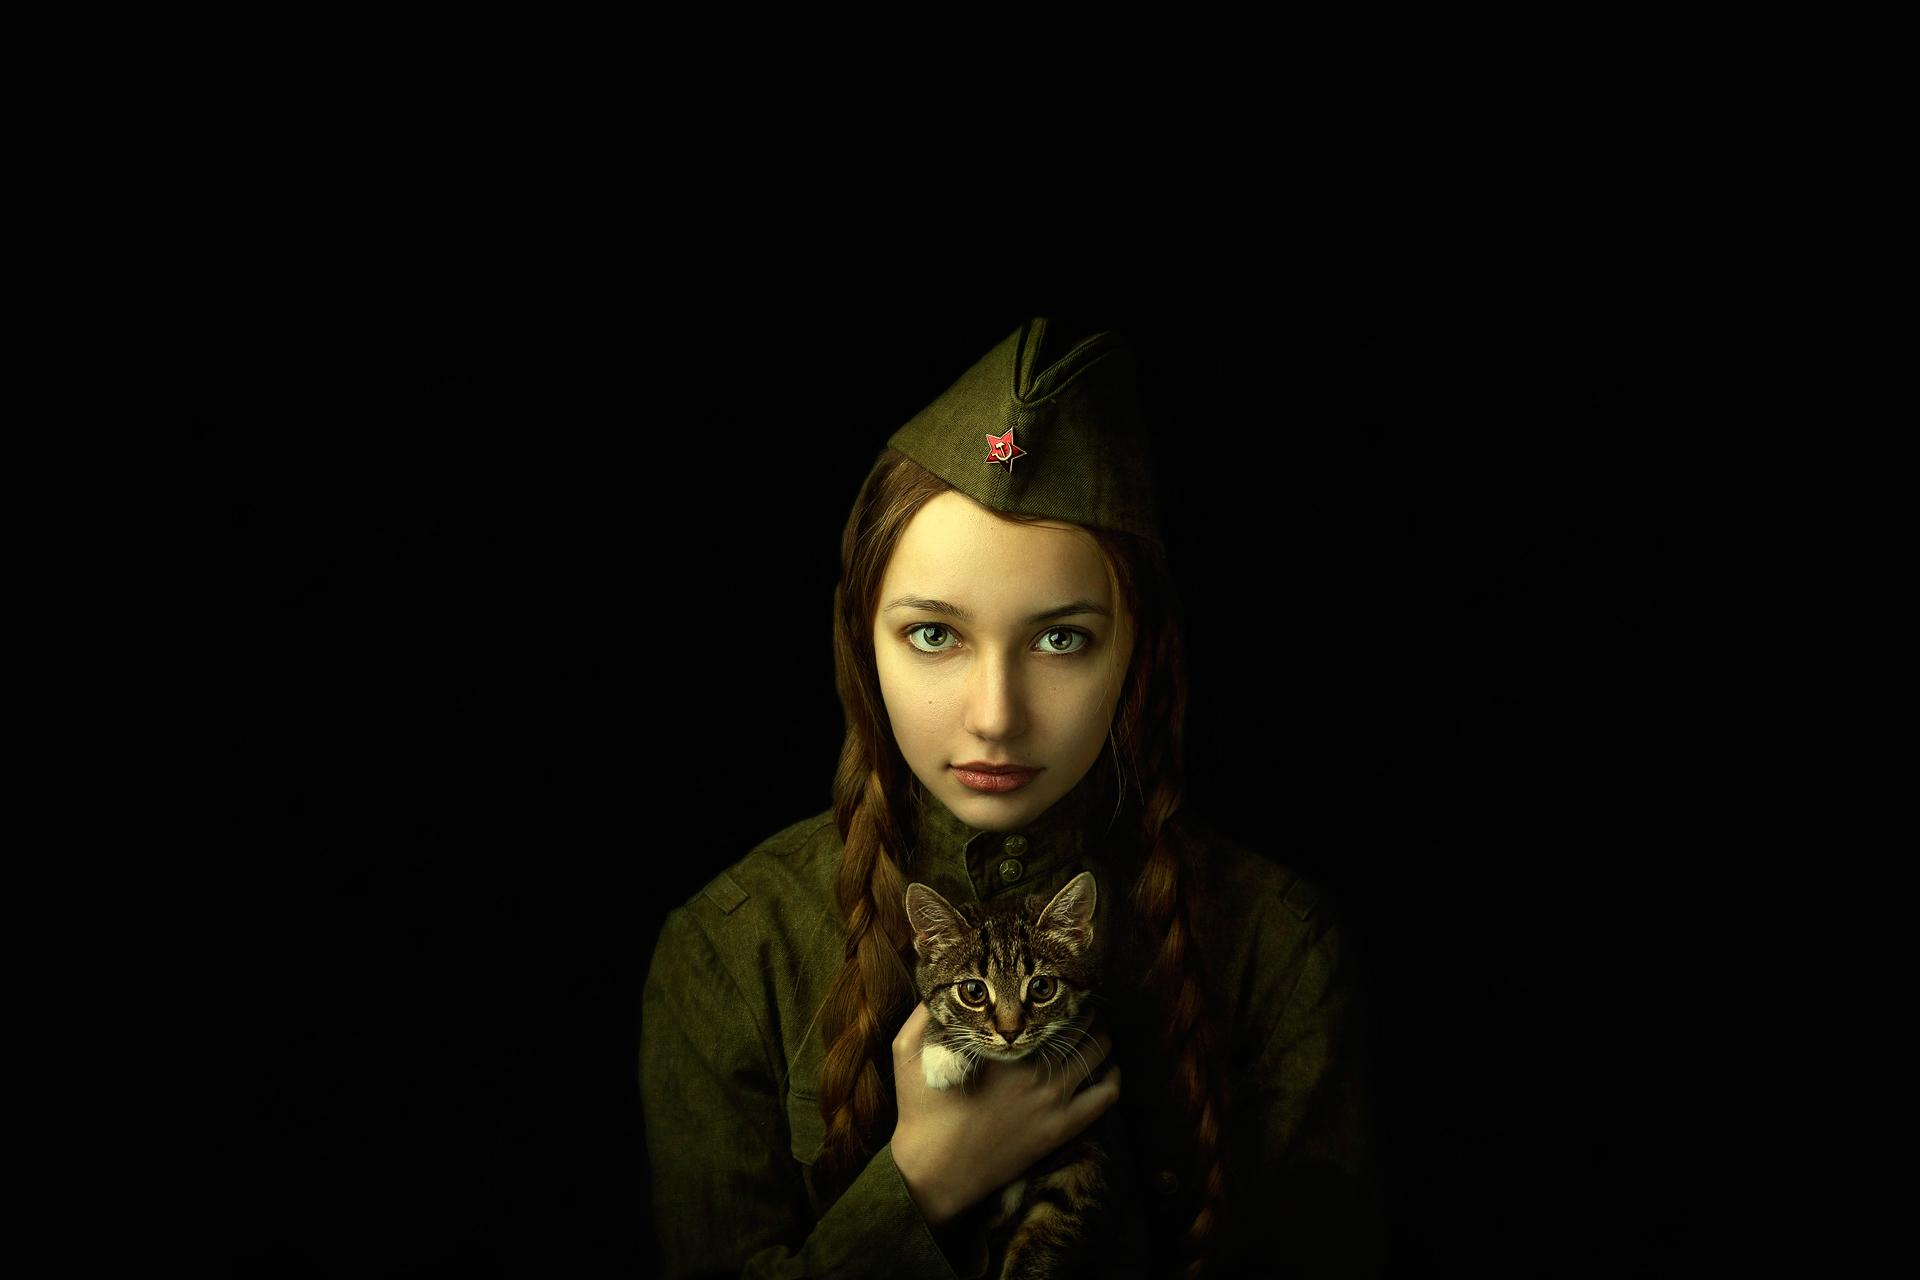 Рисованные девушки в военной 25 фотография